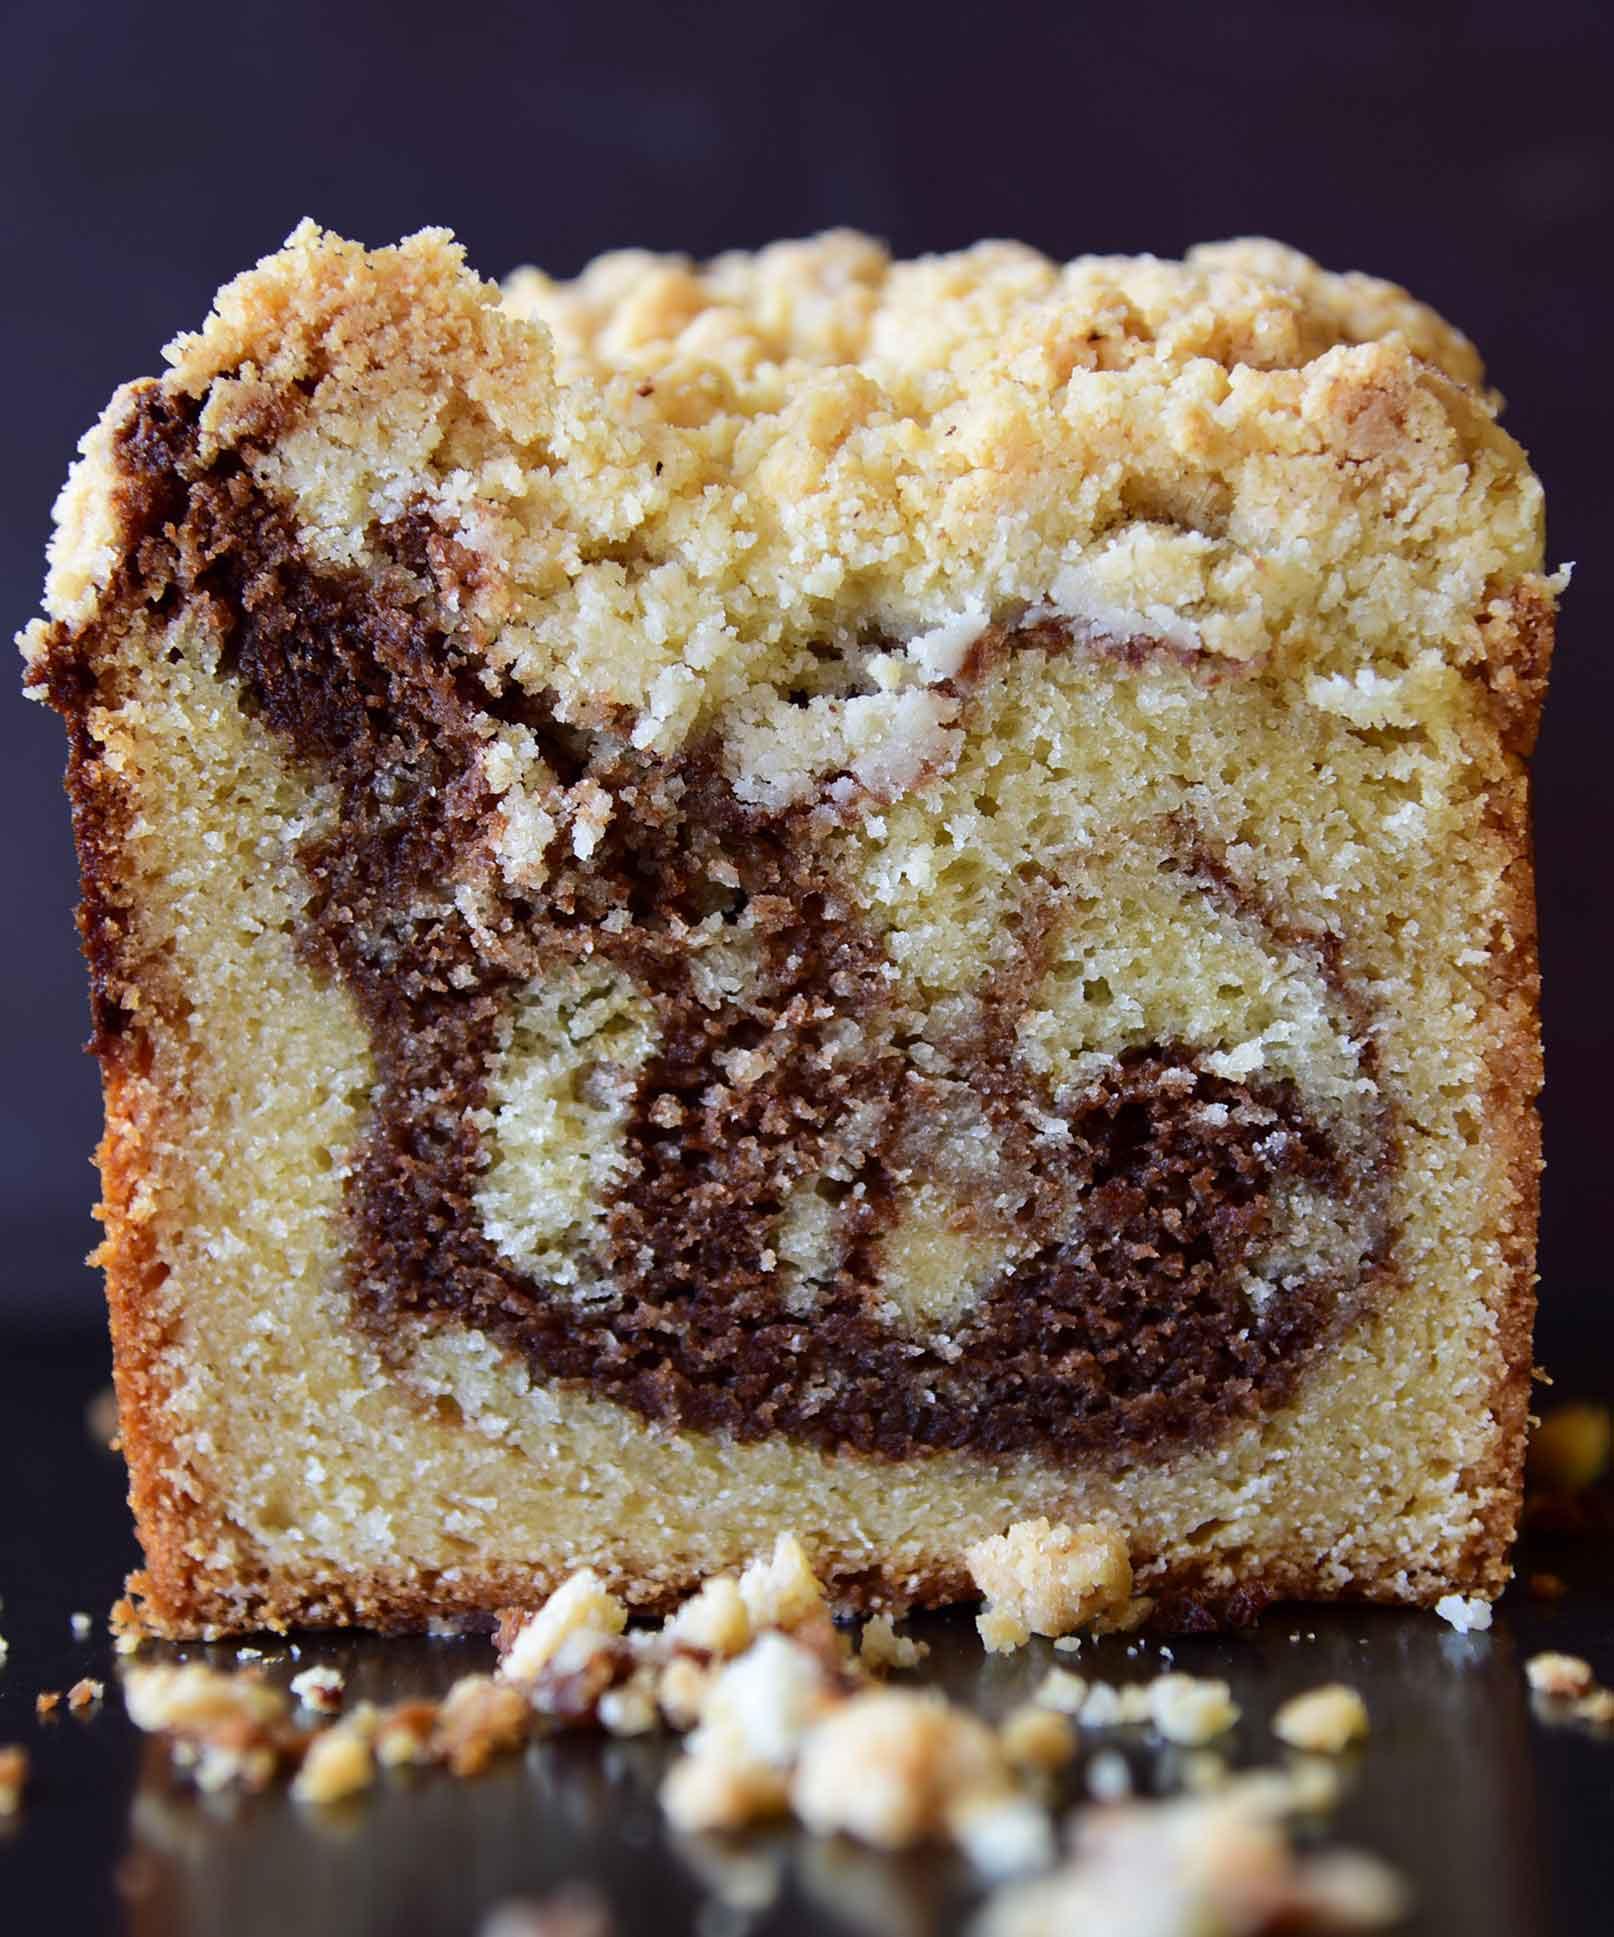 עוגת שיש מרציפן ושוקולד חלב בציפוי שטרויזל טונקה